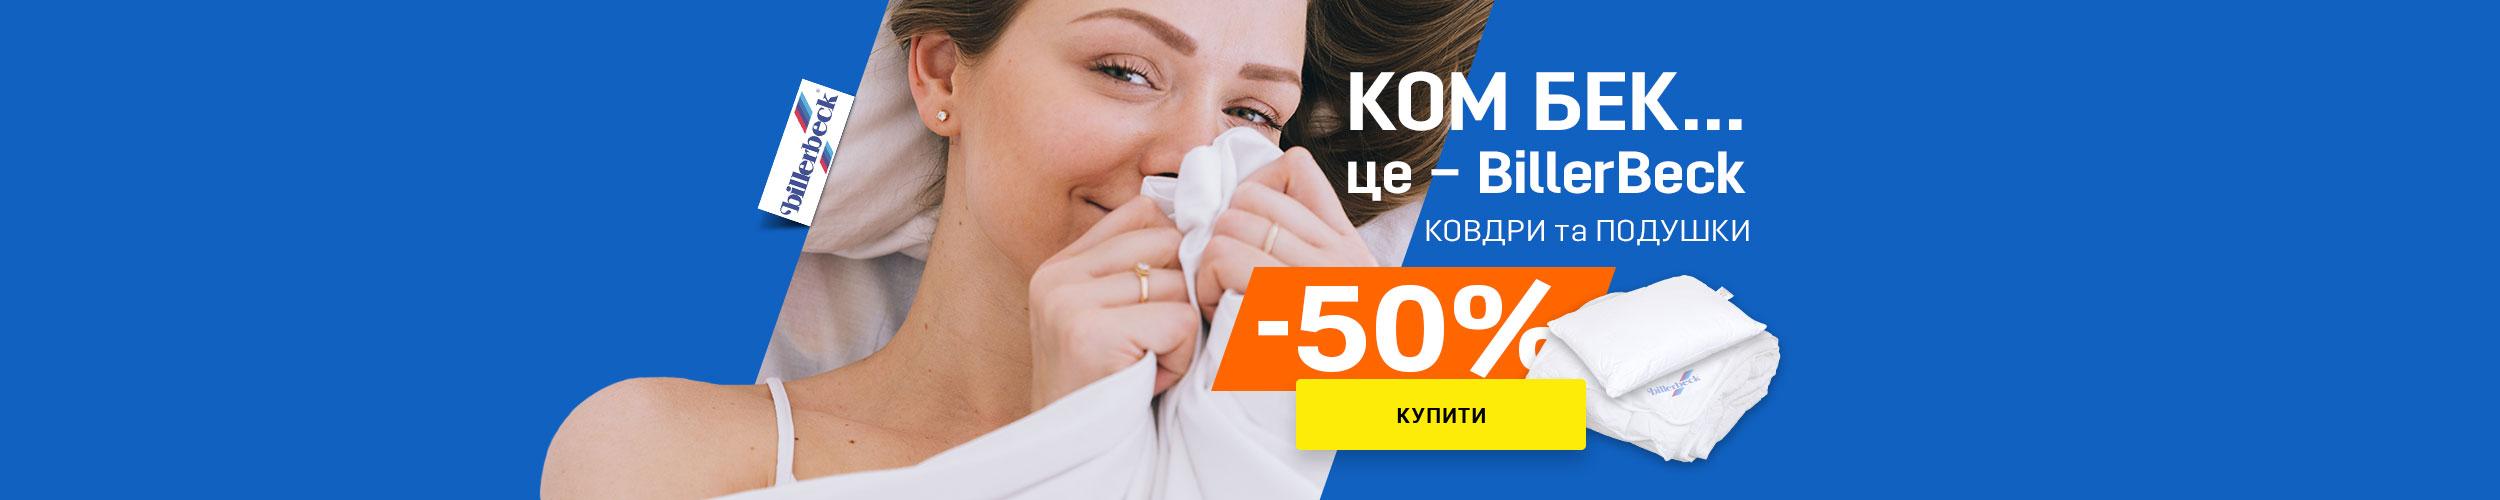 dbd2afb31449 ᐉ Шторы и карнизы в Киеве купить • 2️⃣7️⃣UA Украина • Интернет ...